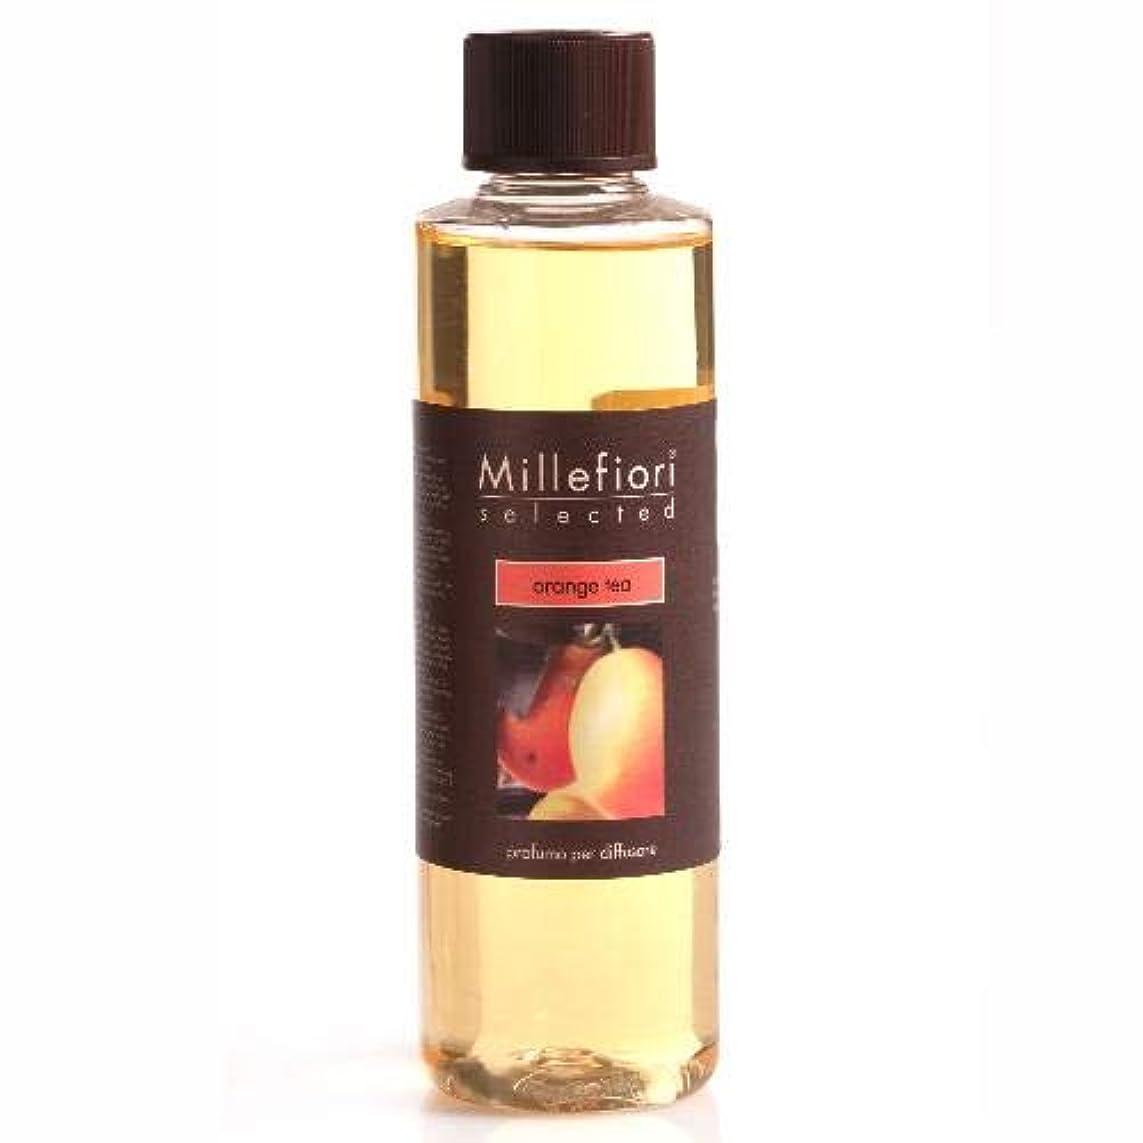 専門化する量で甘味Millefiori SELECTED フレグランスディフューザー専用リフィル 250ml オレンジティ SDIF-25-008